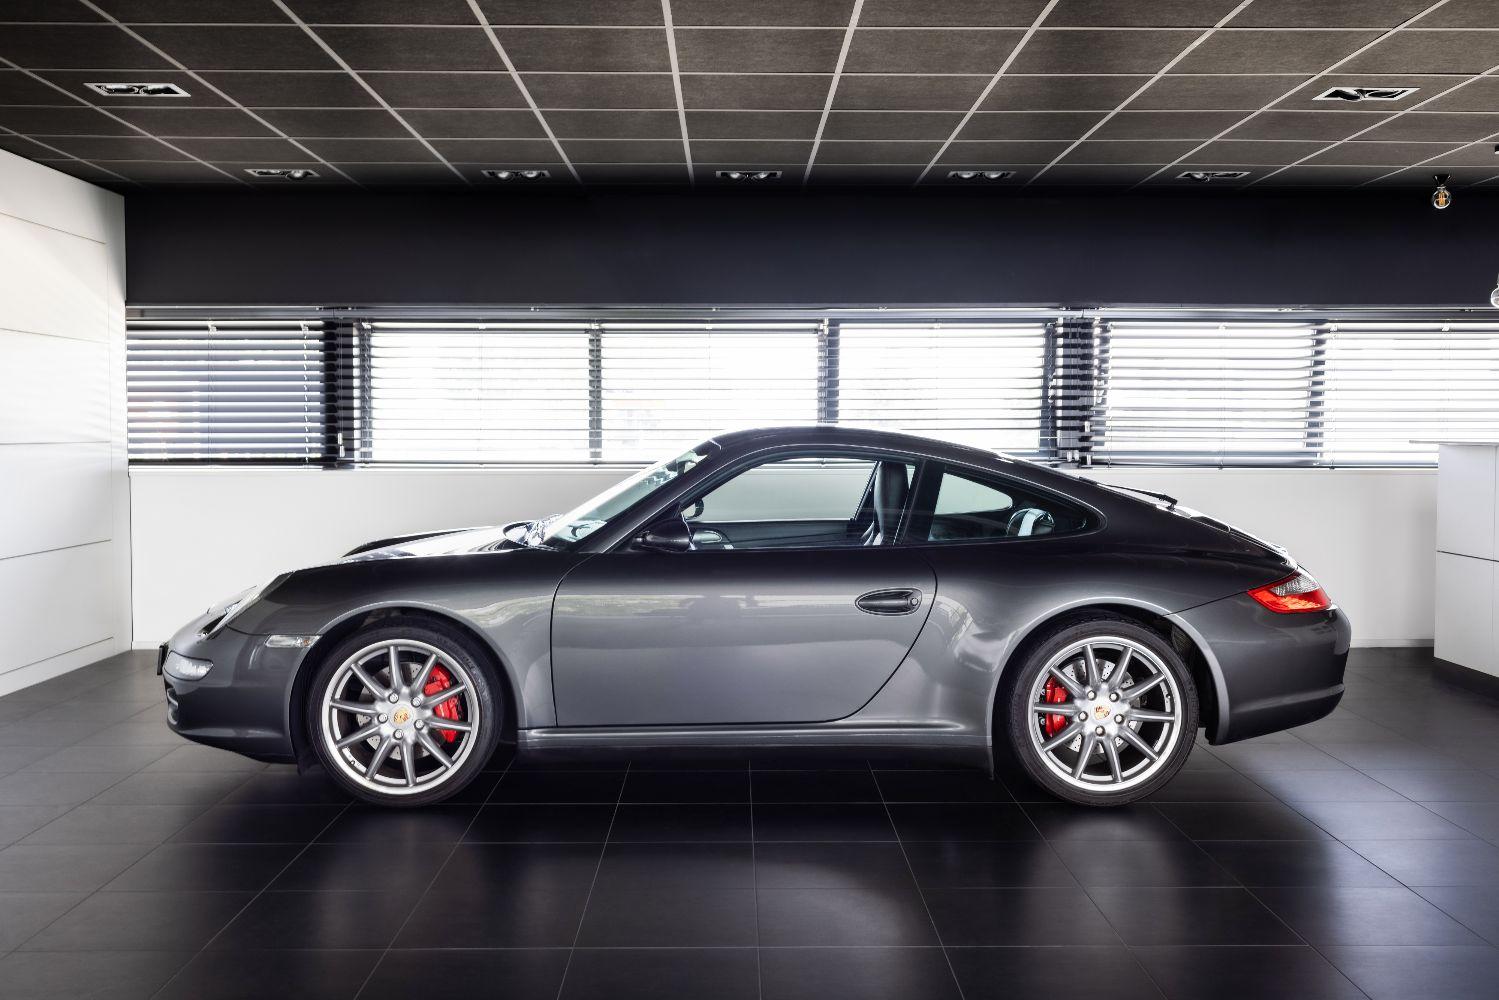 Porsche 997 4s Coupe